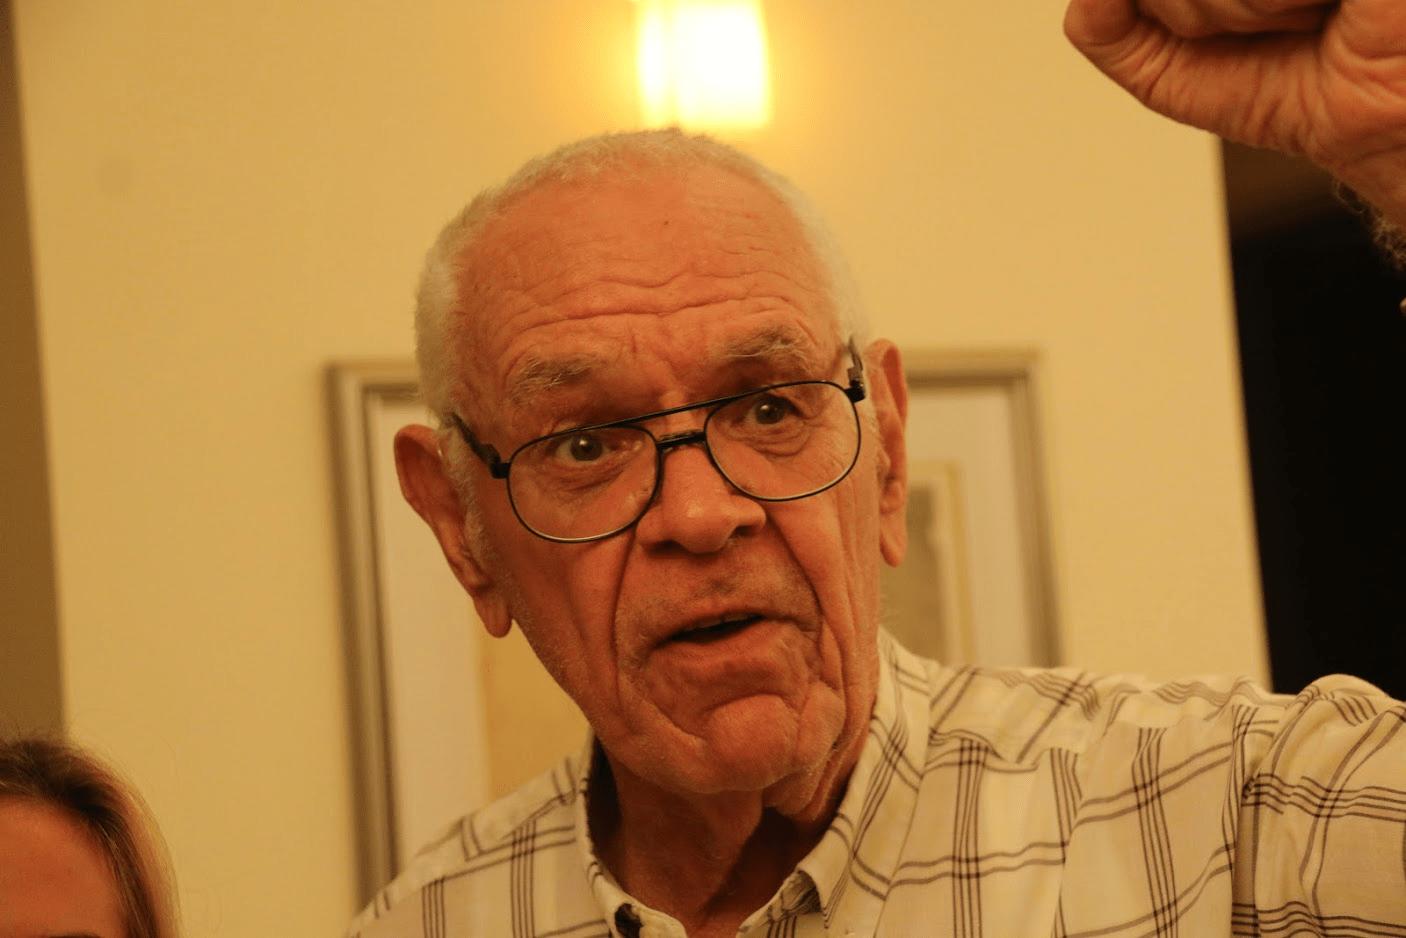 """ביפו ייערך אירוע לזכרו של פעיל חד""""ש הוותיק ראובן קמינר במלאת שנה לפטירתו"""